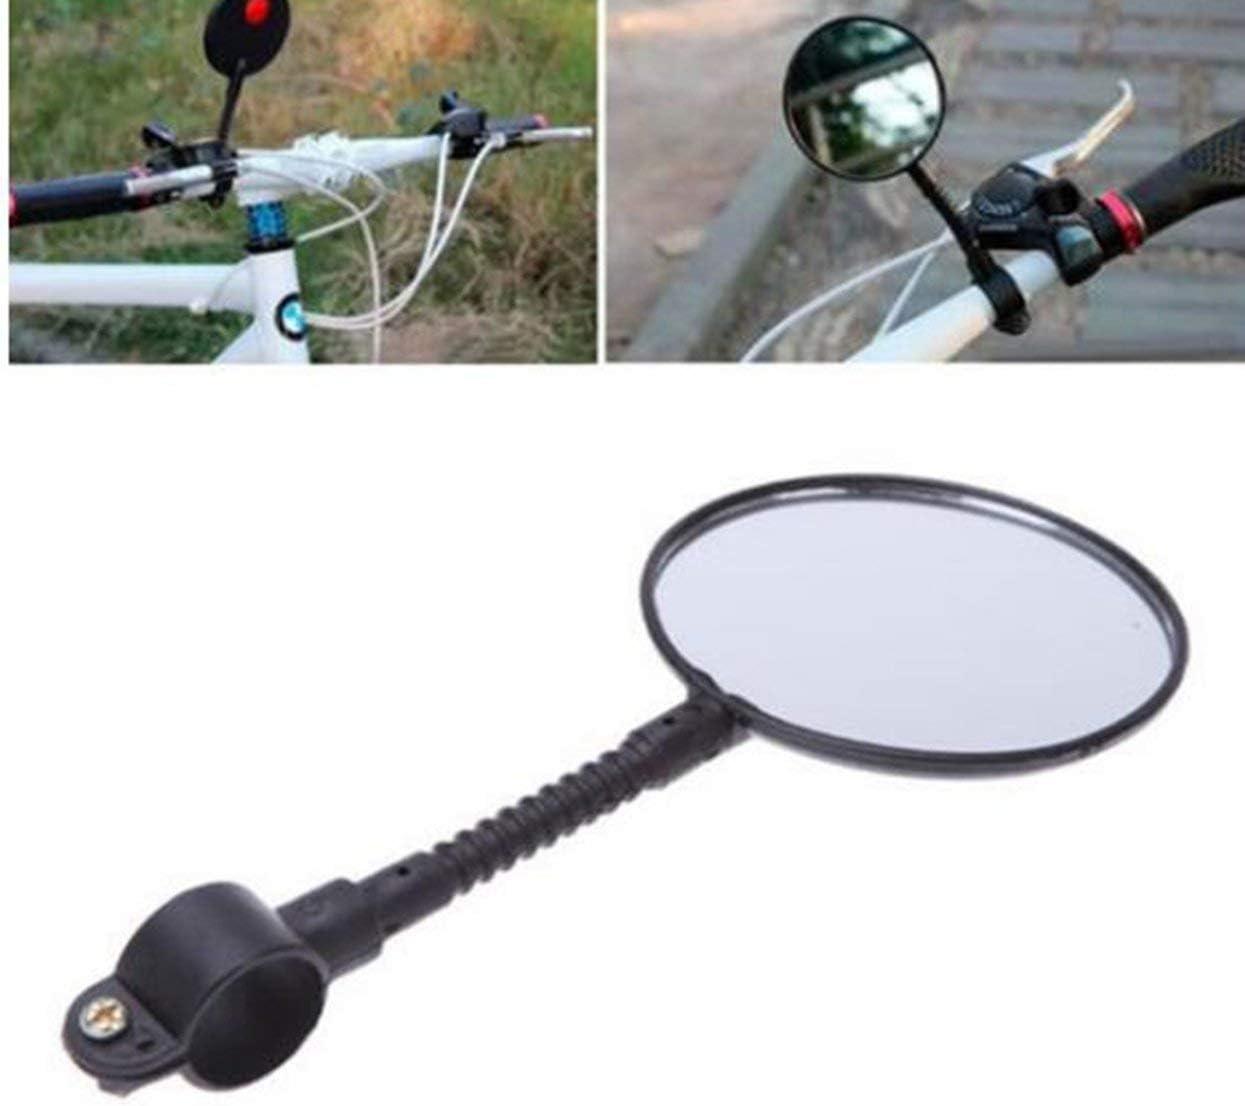 Tellaboull for Facile da Montare Girevole Regolabile in Bicicletta Mountain Road Bike Specchietto retrovisore per Manubrio Posteriore per Bicicletta